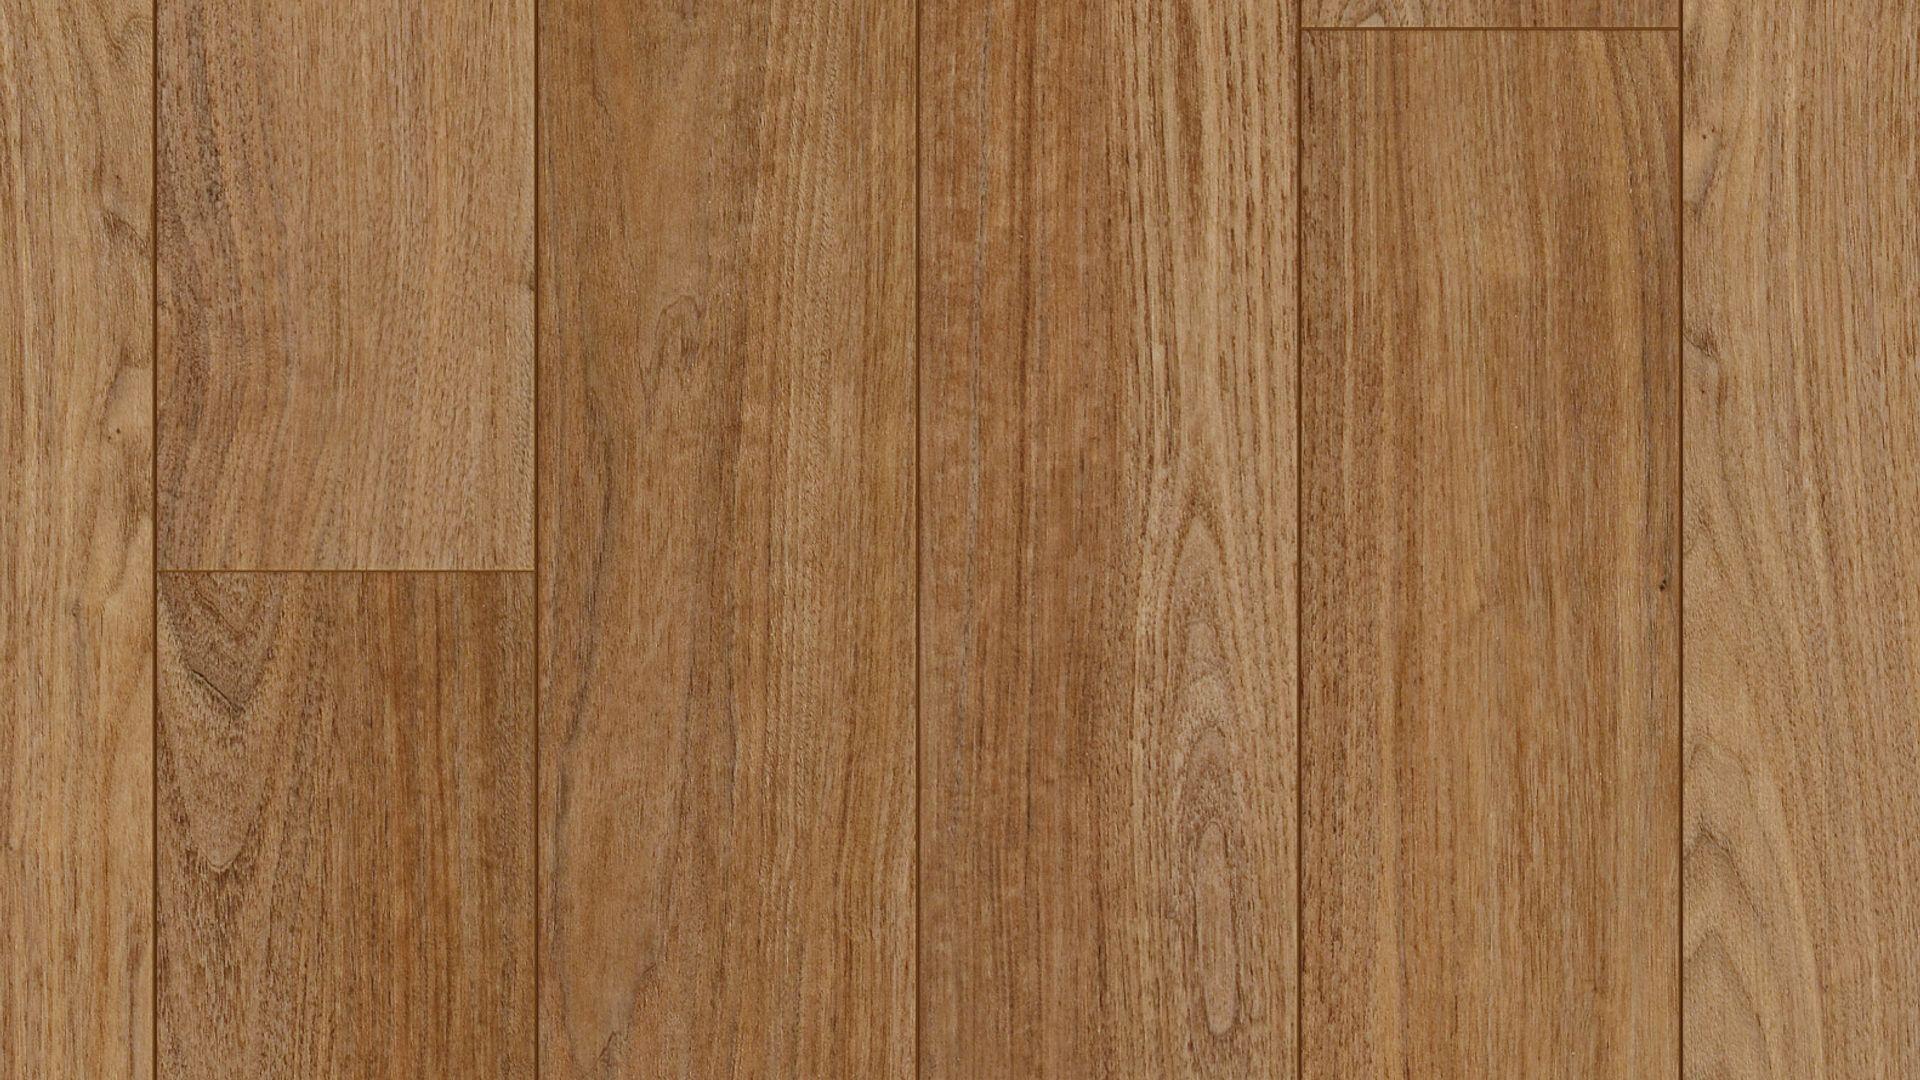 Penmore Walnut EVP Vinyl Flooring Product Shot